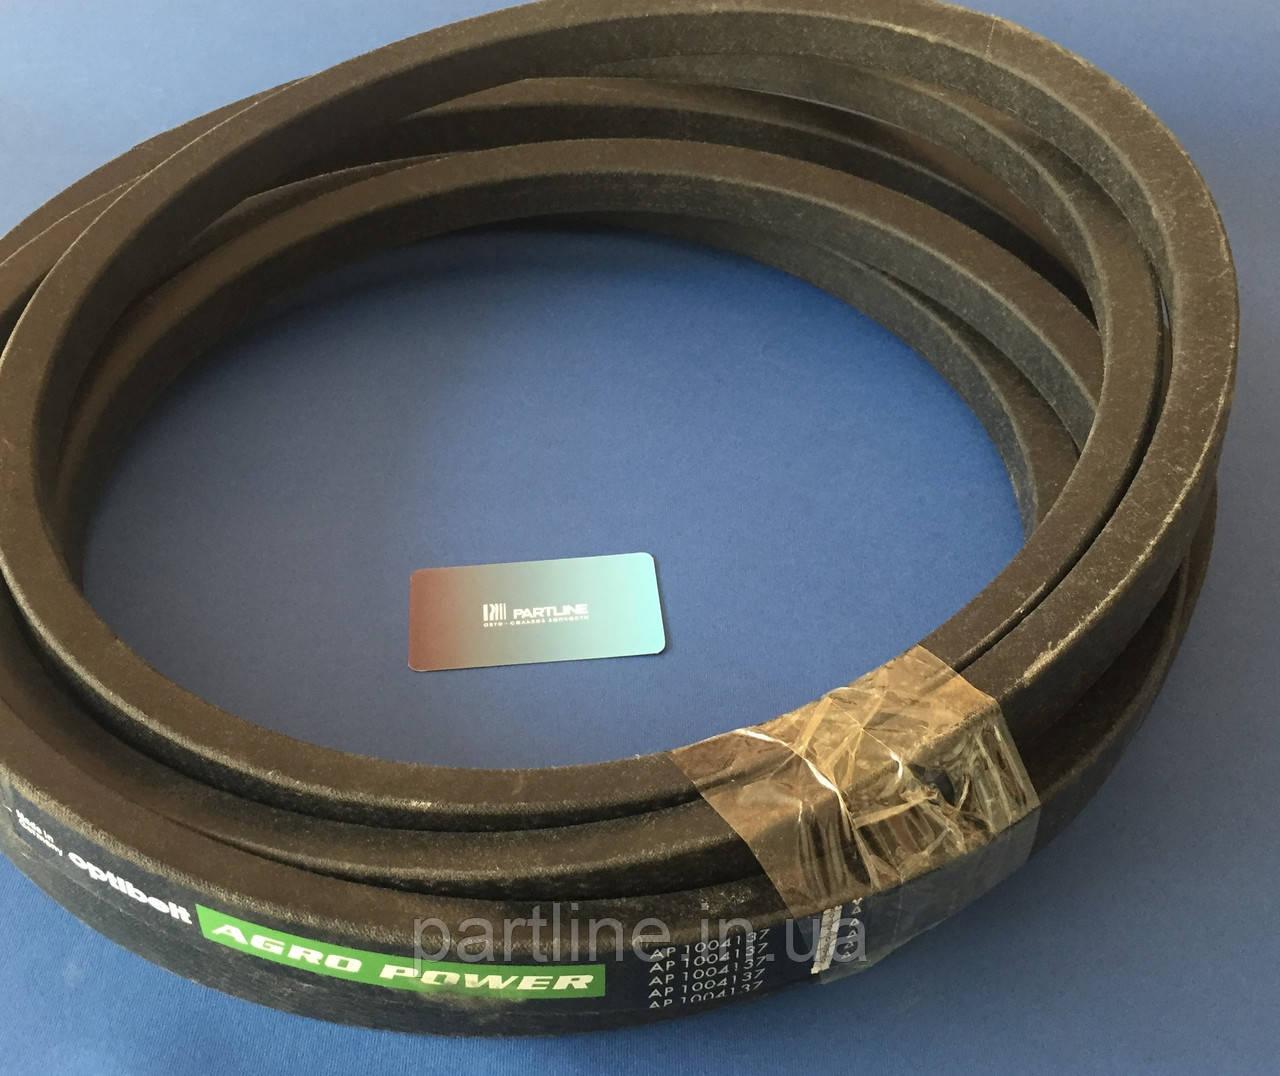 Ремень John Deere H223230 6850-HD/32X16  зернового элеватора (OPTIBELT)